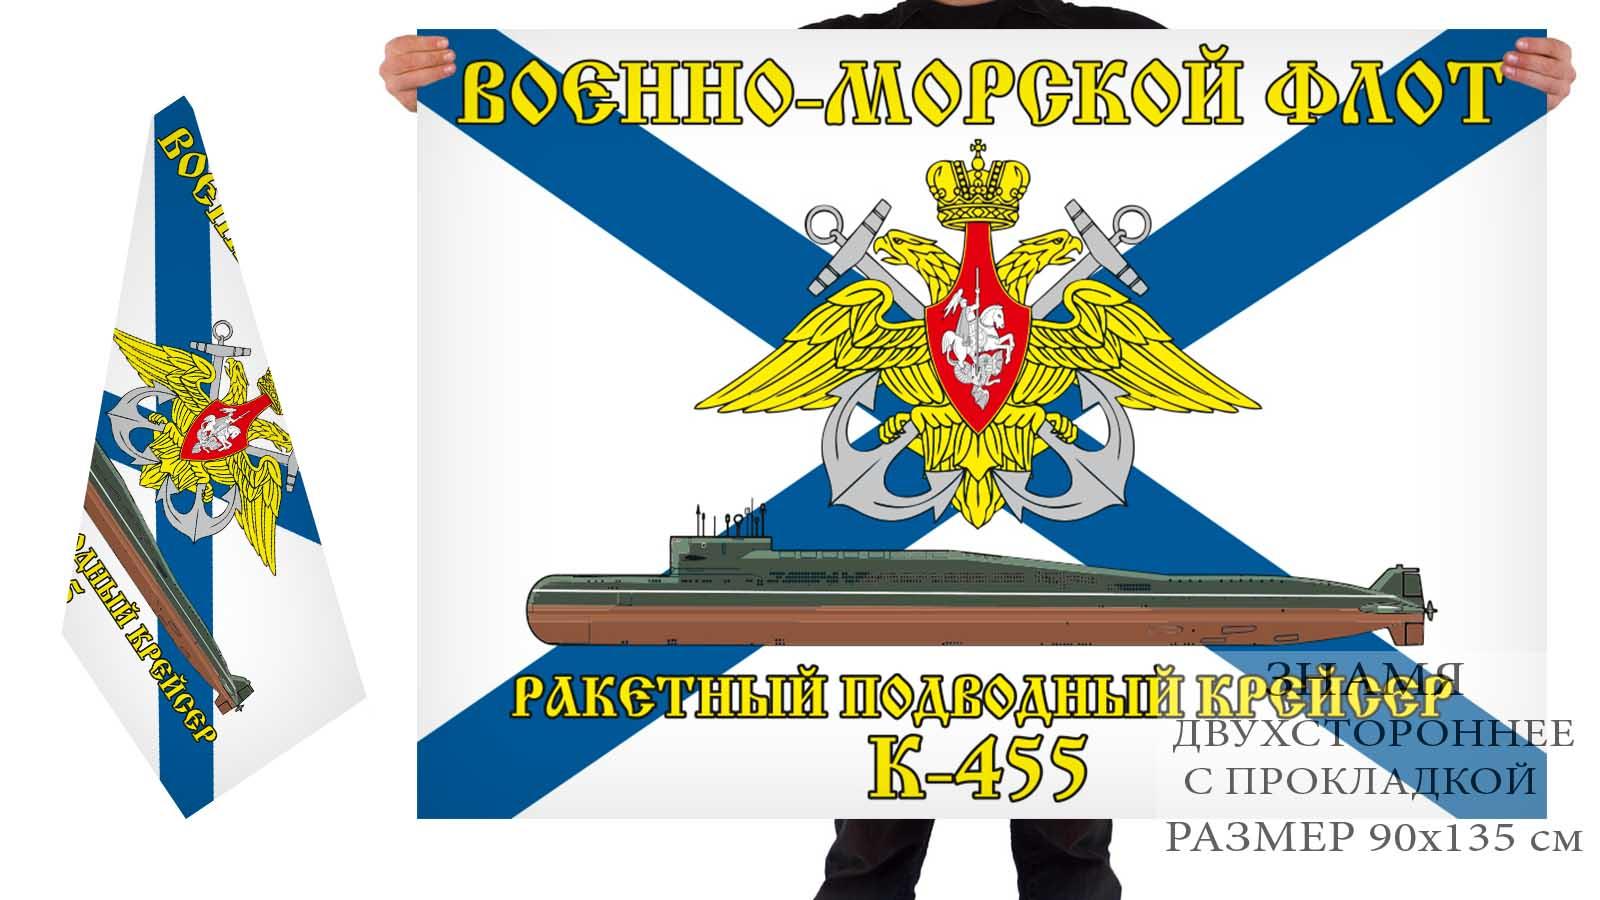 Двусторонний флаг РПКСН К-445